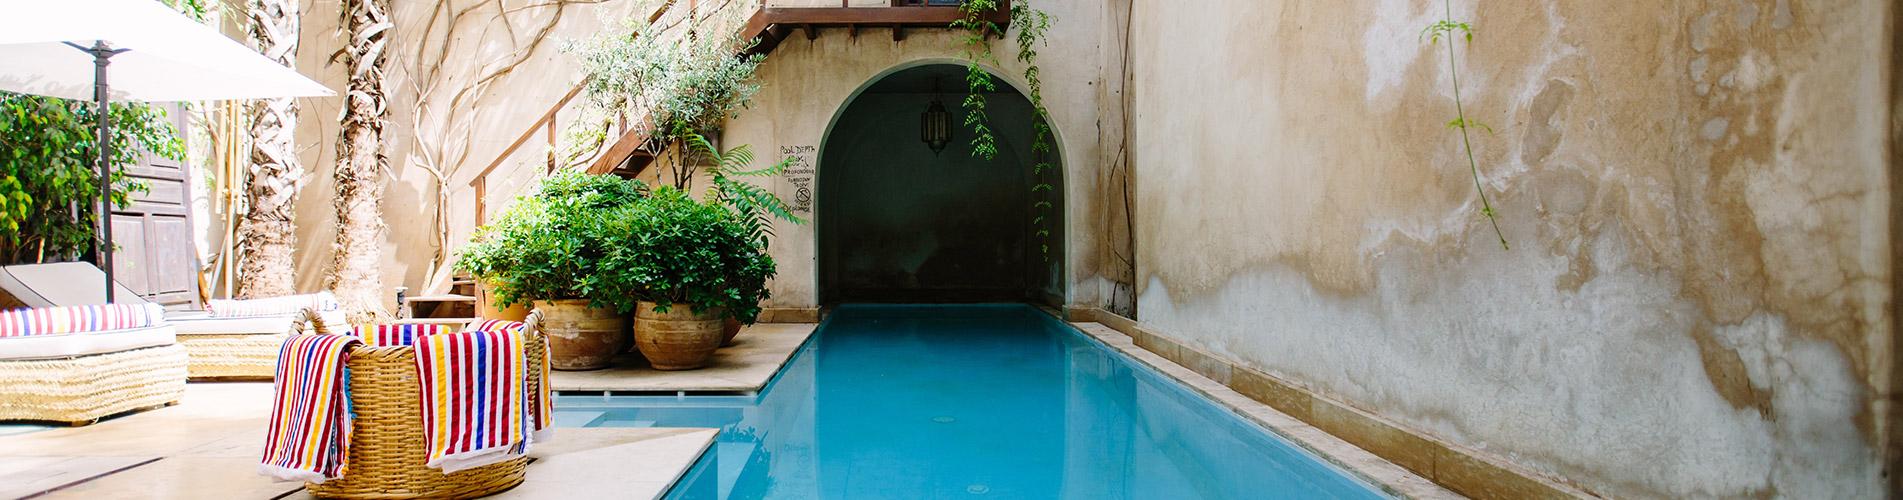 Estimation maison avec piscine